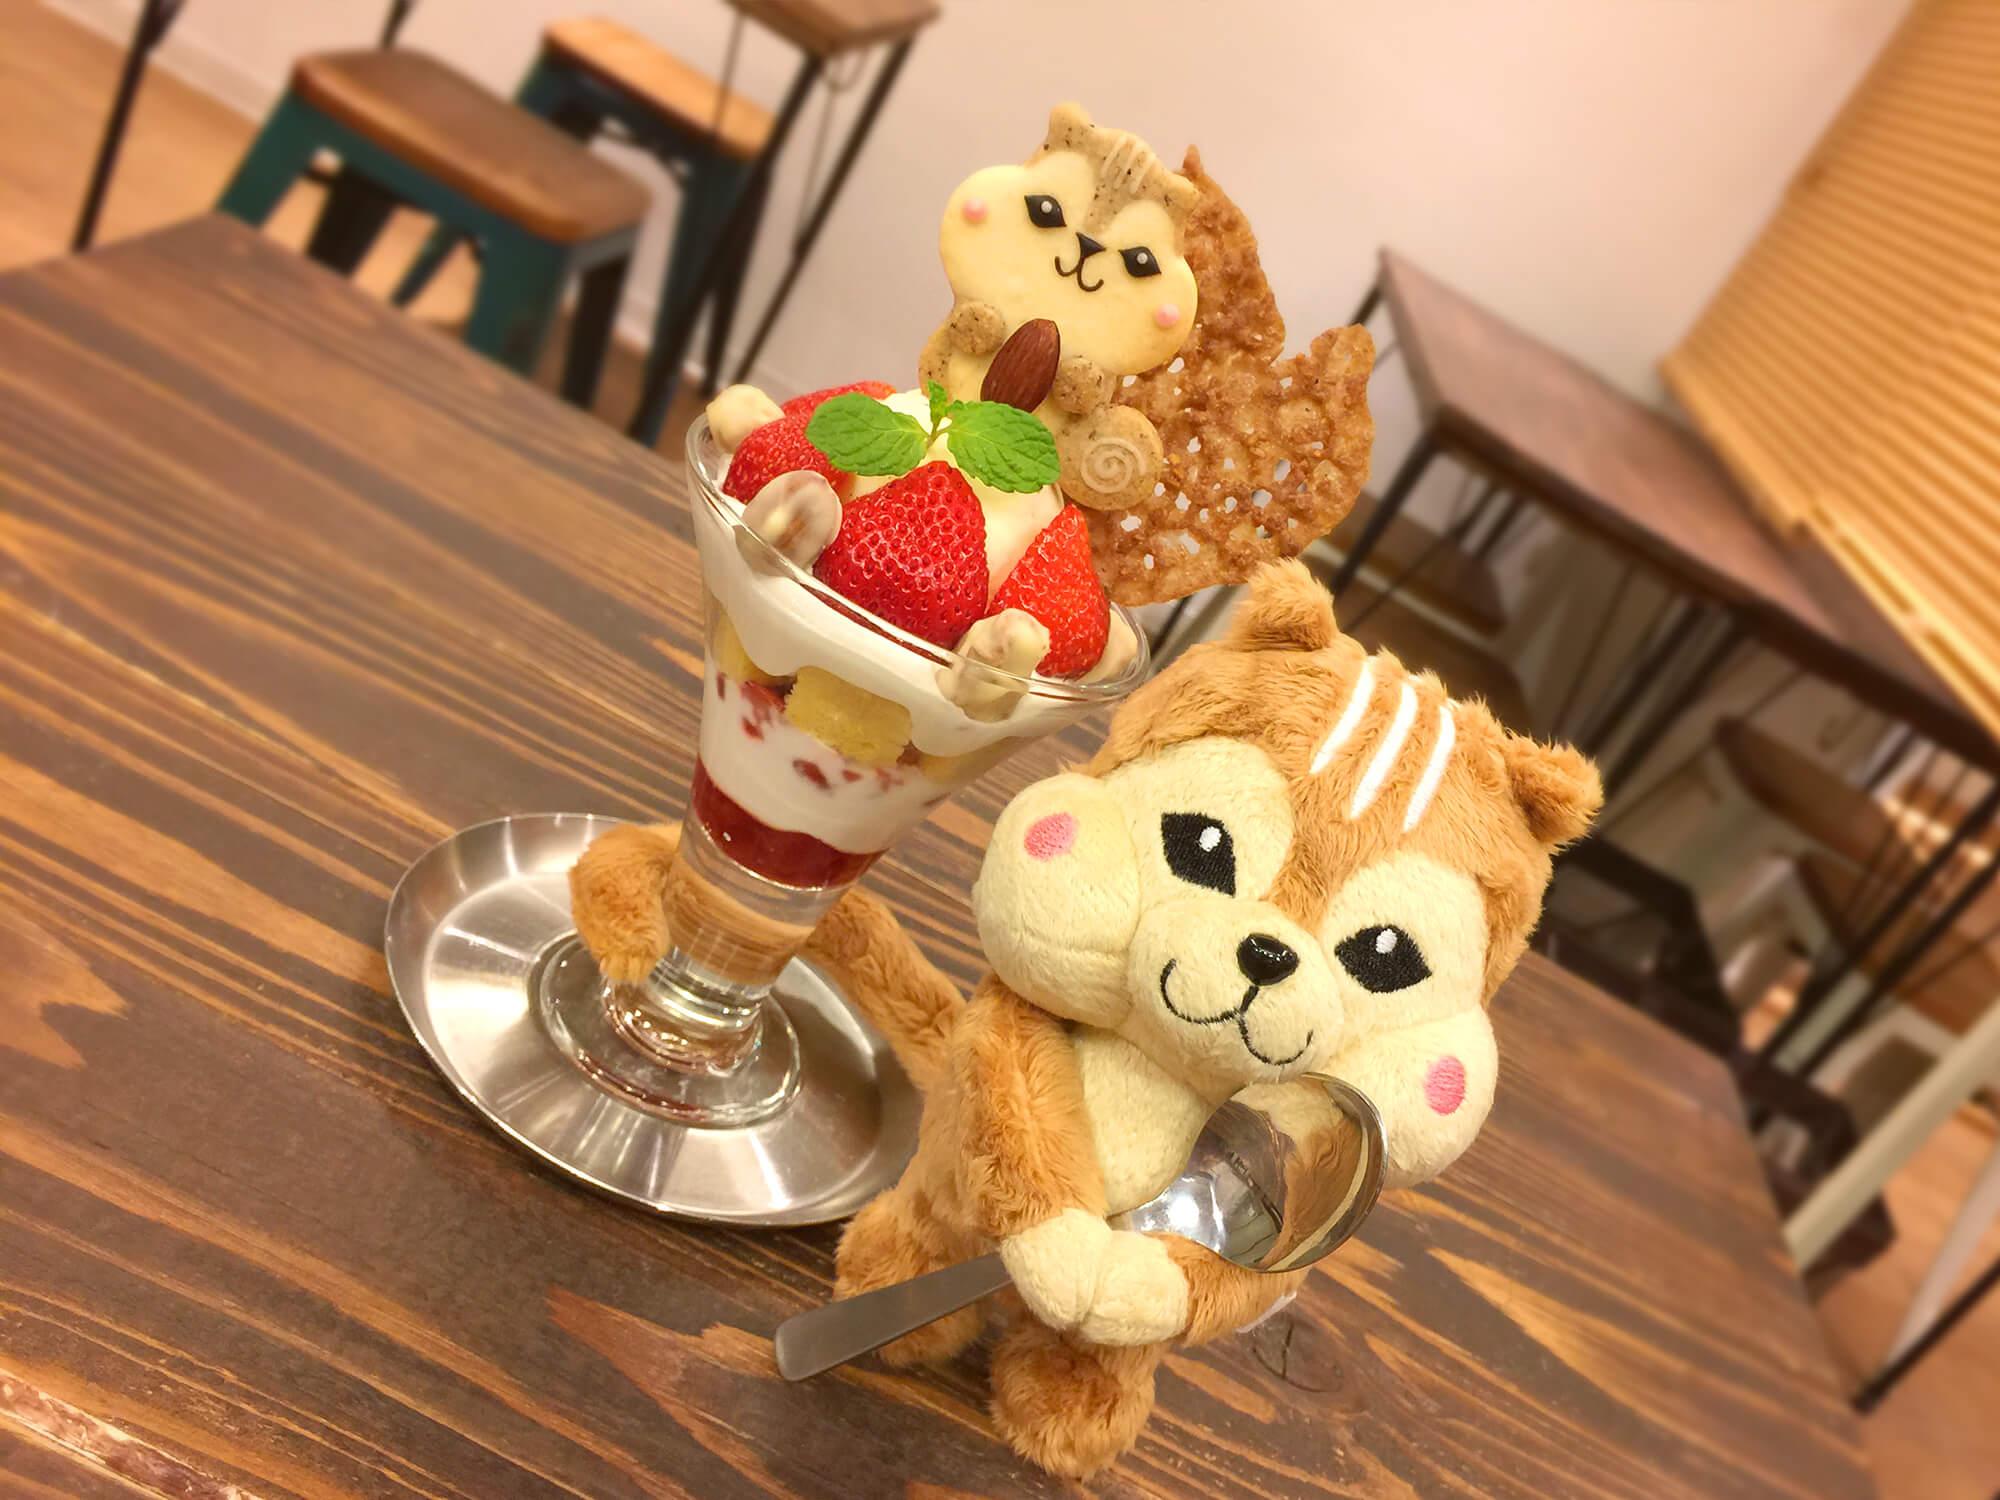 henteco(へんてこ)~森の洋菓子店いちごショートパフェ(季節限定)/¥650円(税抜き)&りすクッキー/¥400円(税抜き)&りすのすいぐるみ/¥2,300(税抜き)